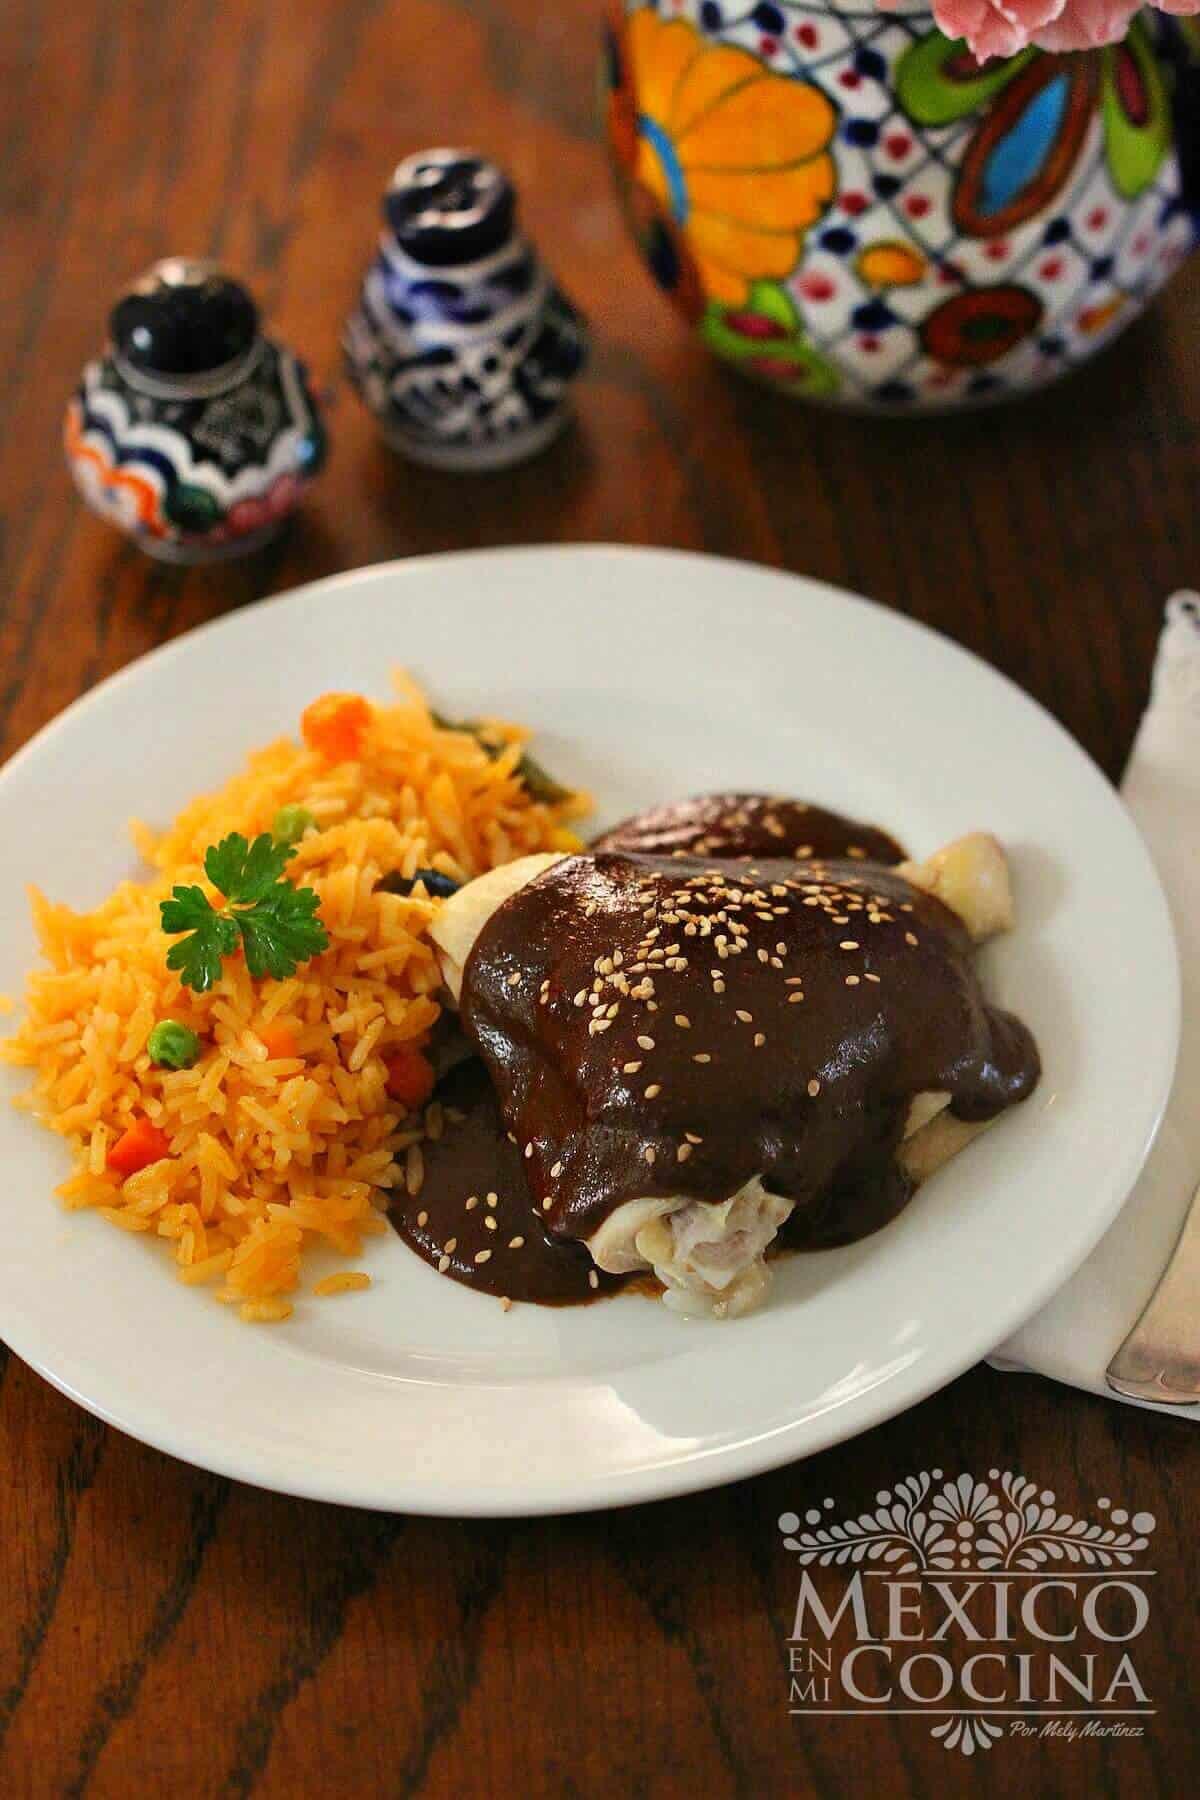 Receta Mole doña Maria - Recetas comida mexicana -1a